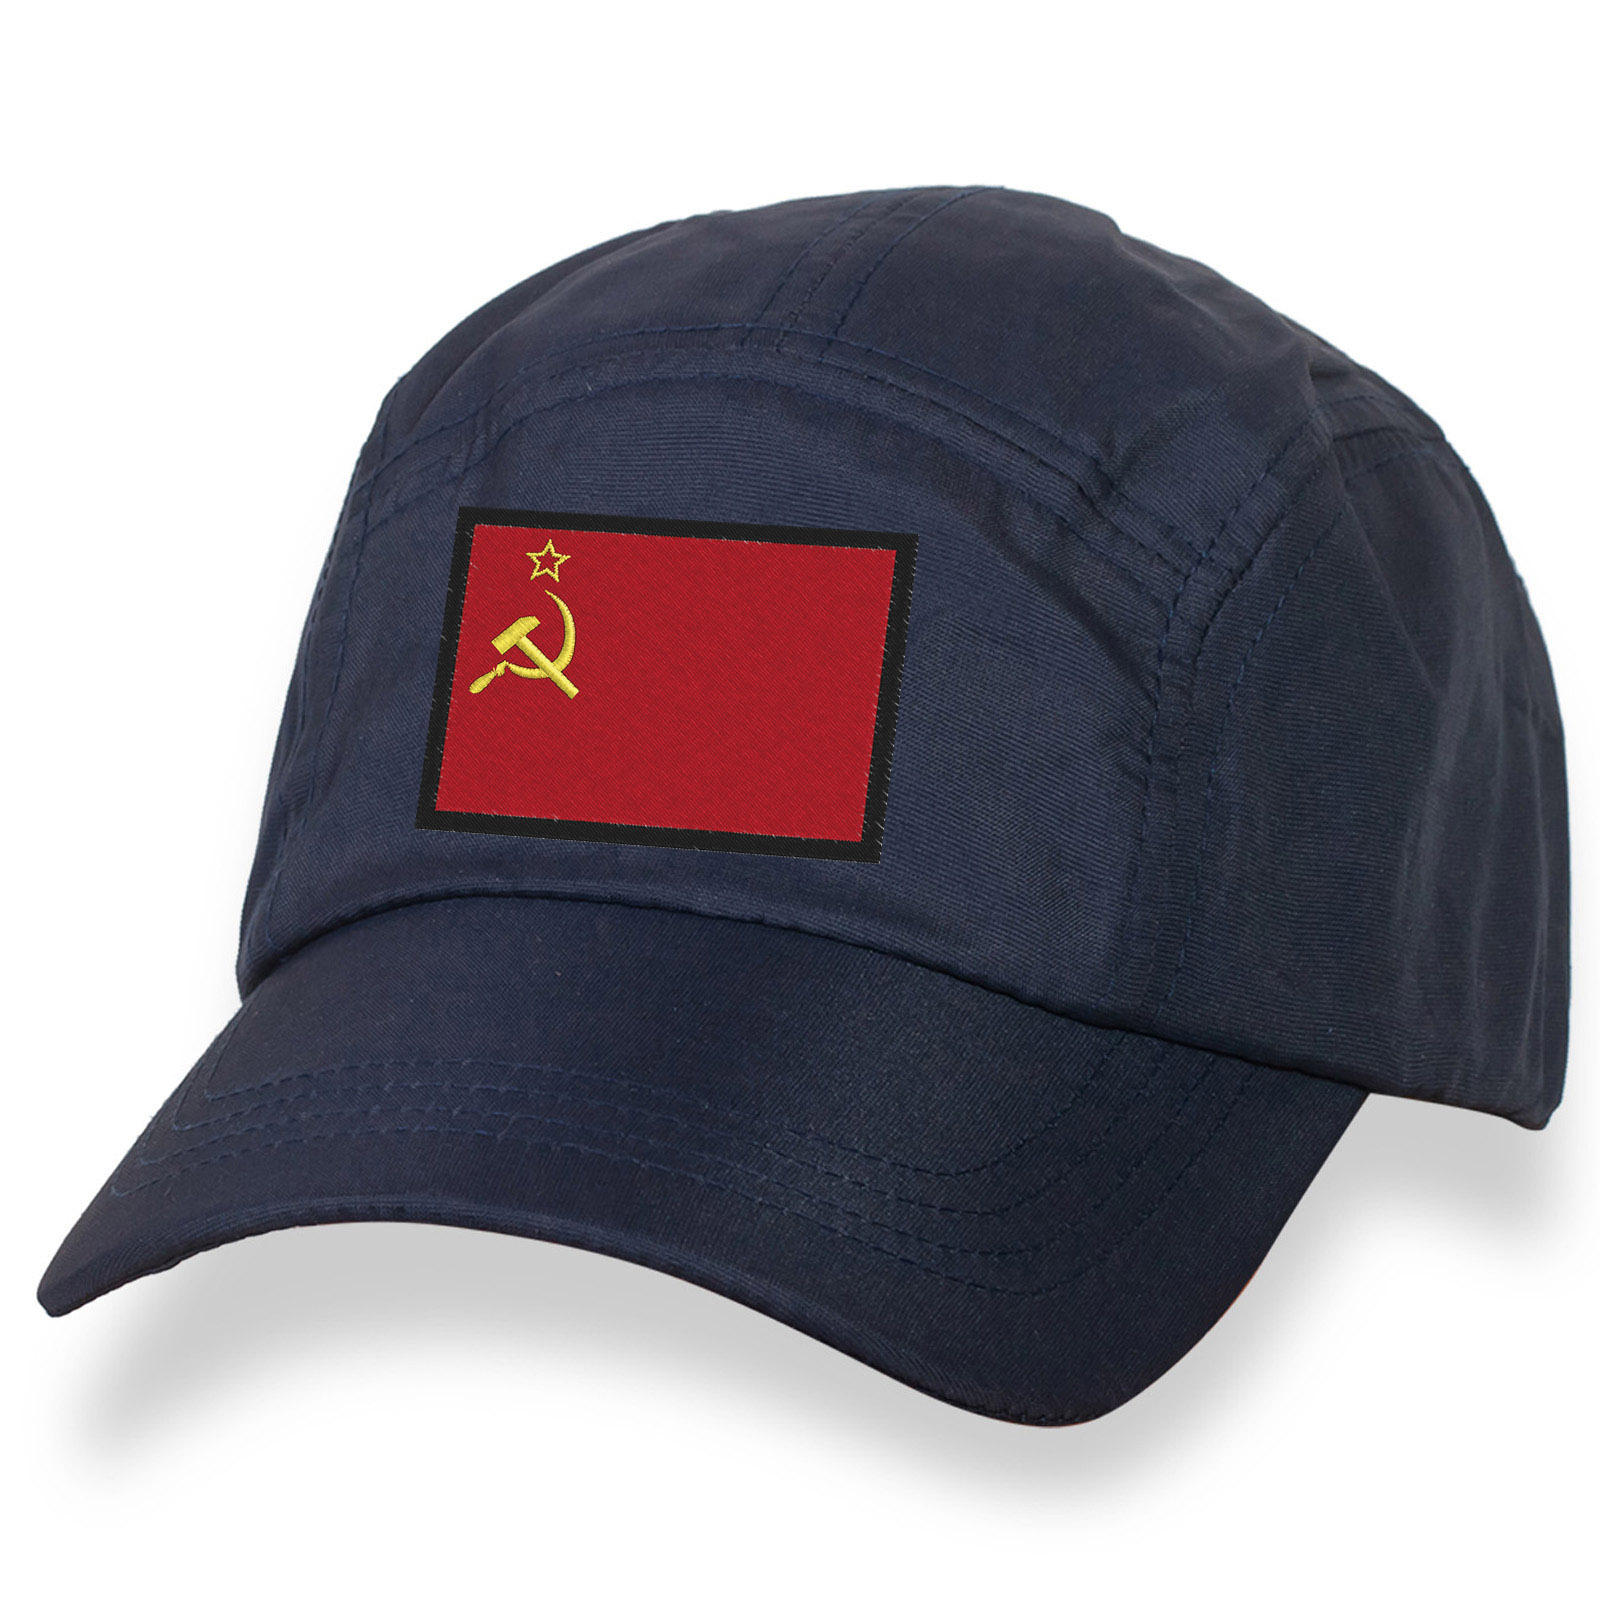 Классическая бейсболка с вышитым Советским флагом